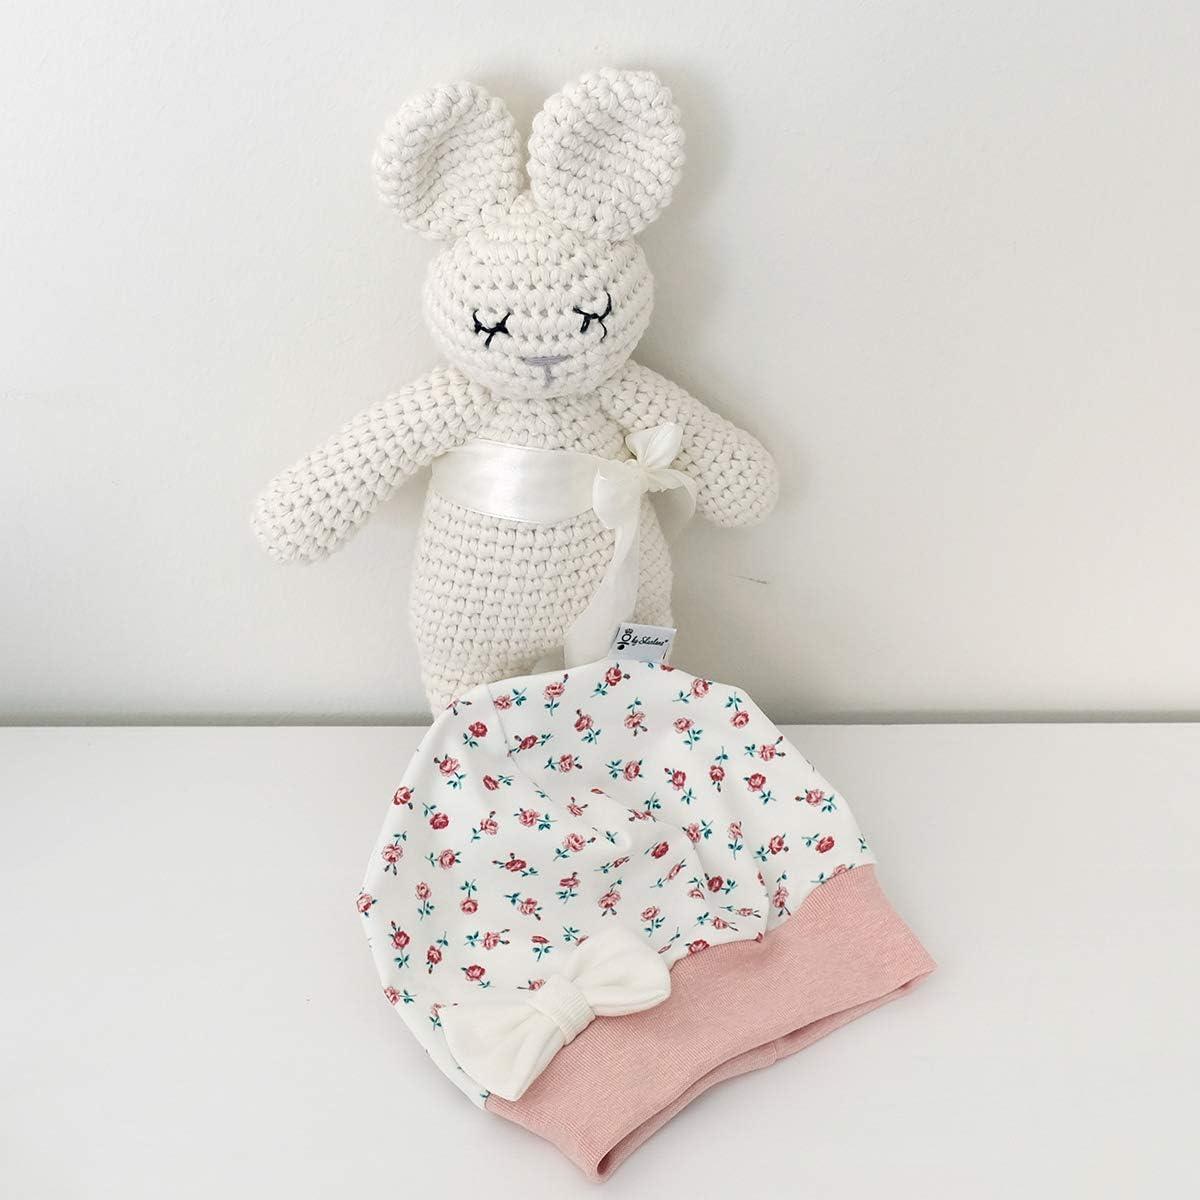 Baby M/ütze Beanie Mitwachsgr/ö/ßen handgefertigt in Deutschland Sharlene M/ütze Schleife Cremewei/ß kleine Rosen Rose Melange